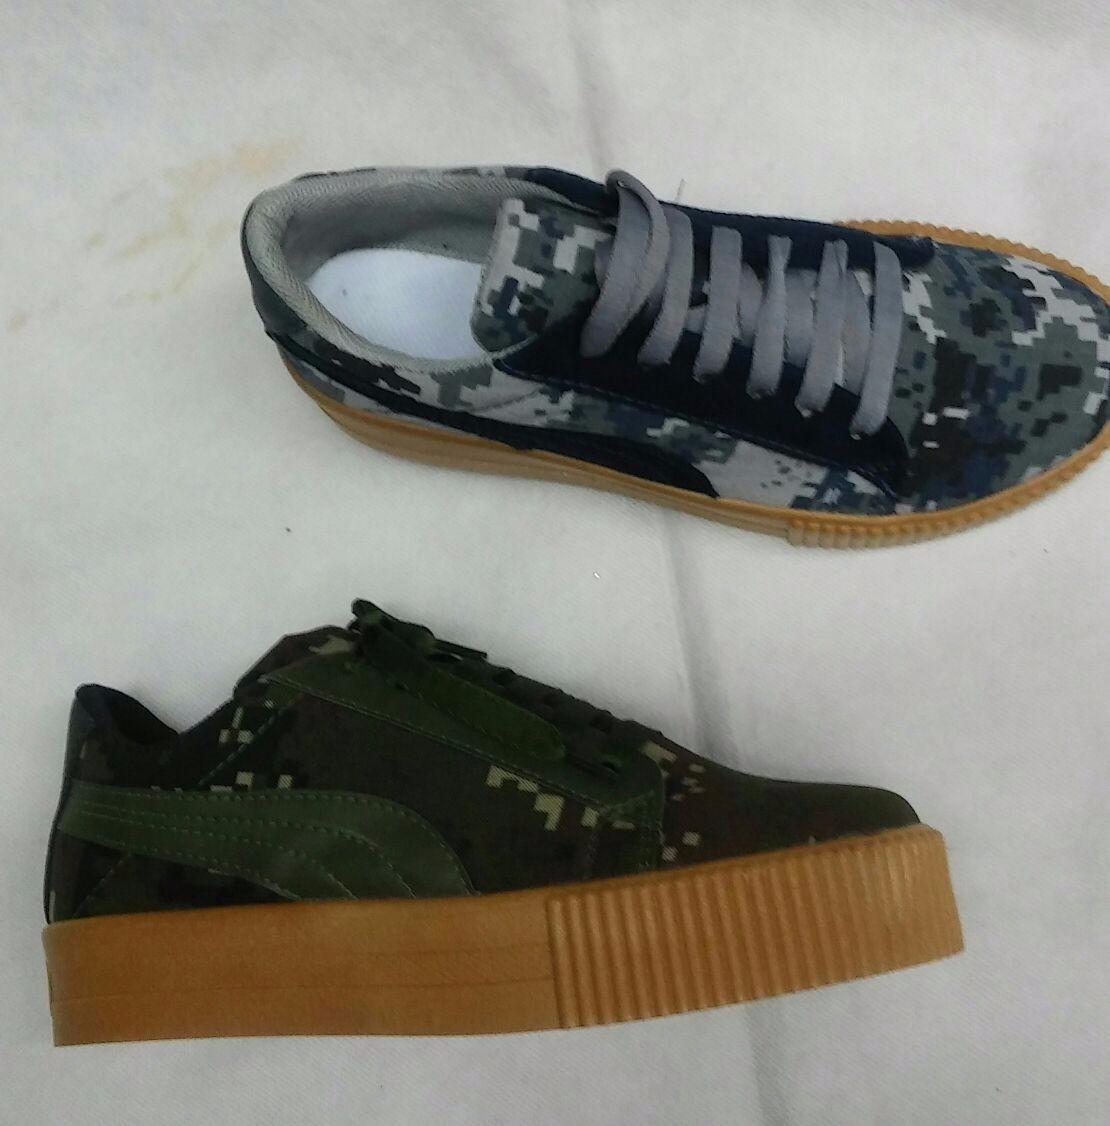 aa03abd46c8 tenis deportivo zapato moda camuflado militar de moda mujer. Cargando zoom.